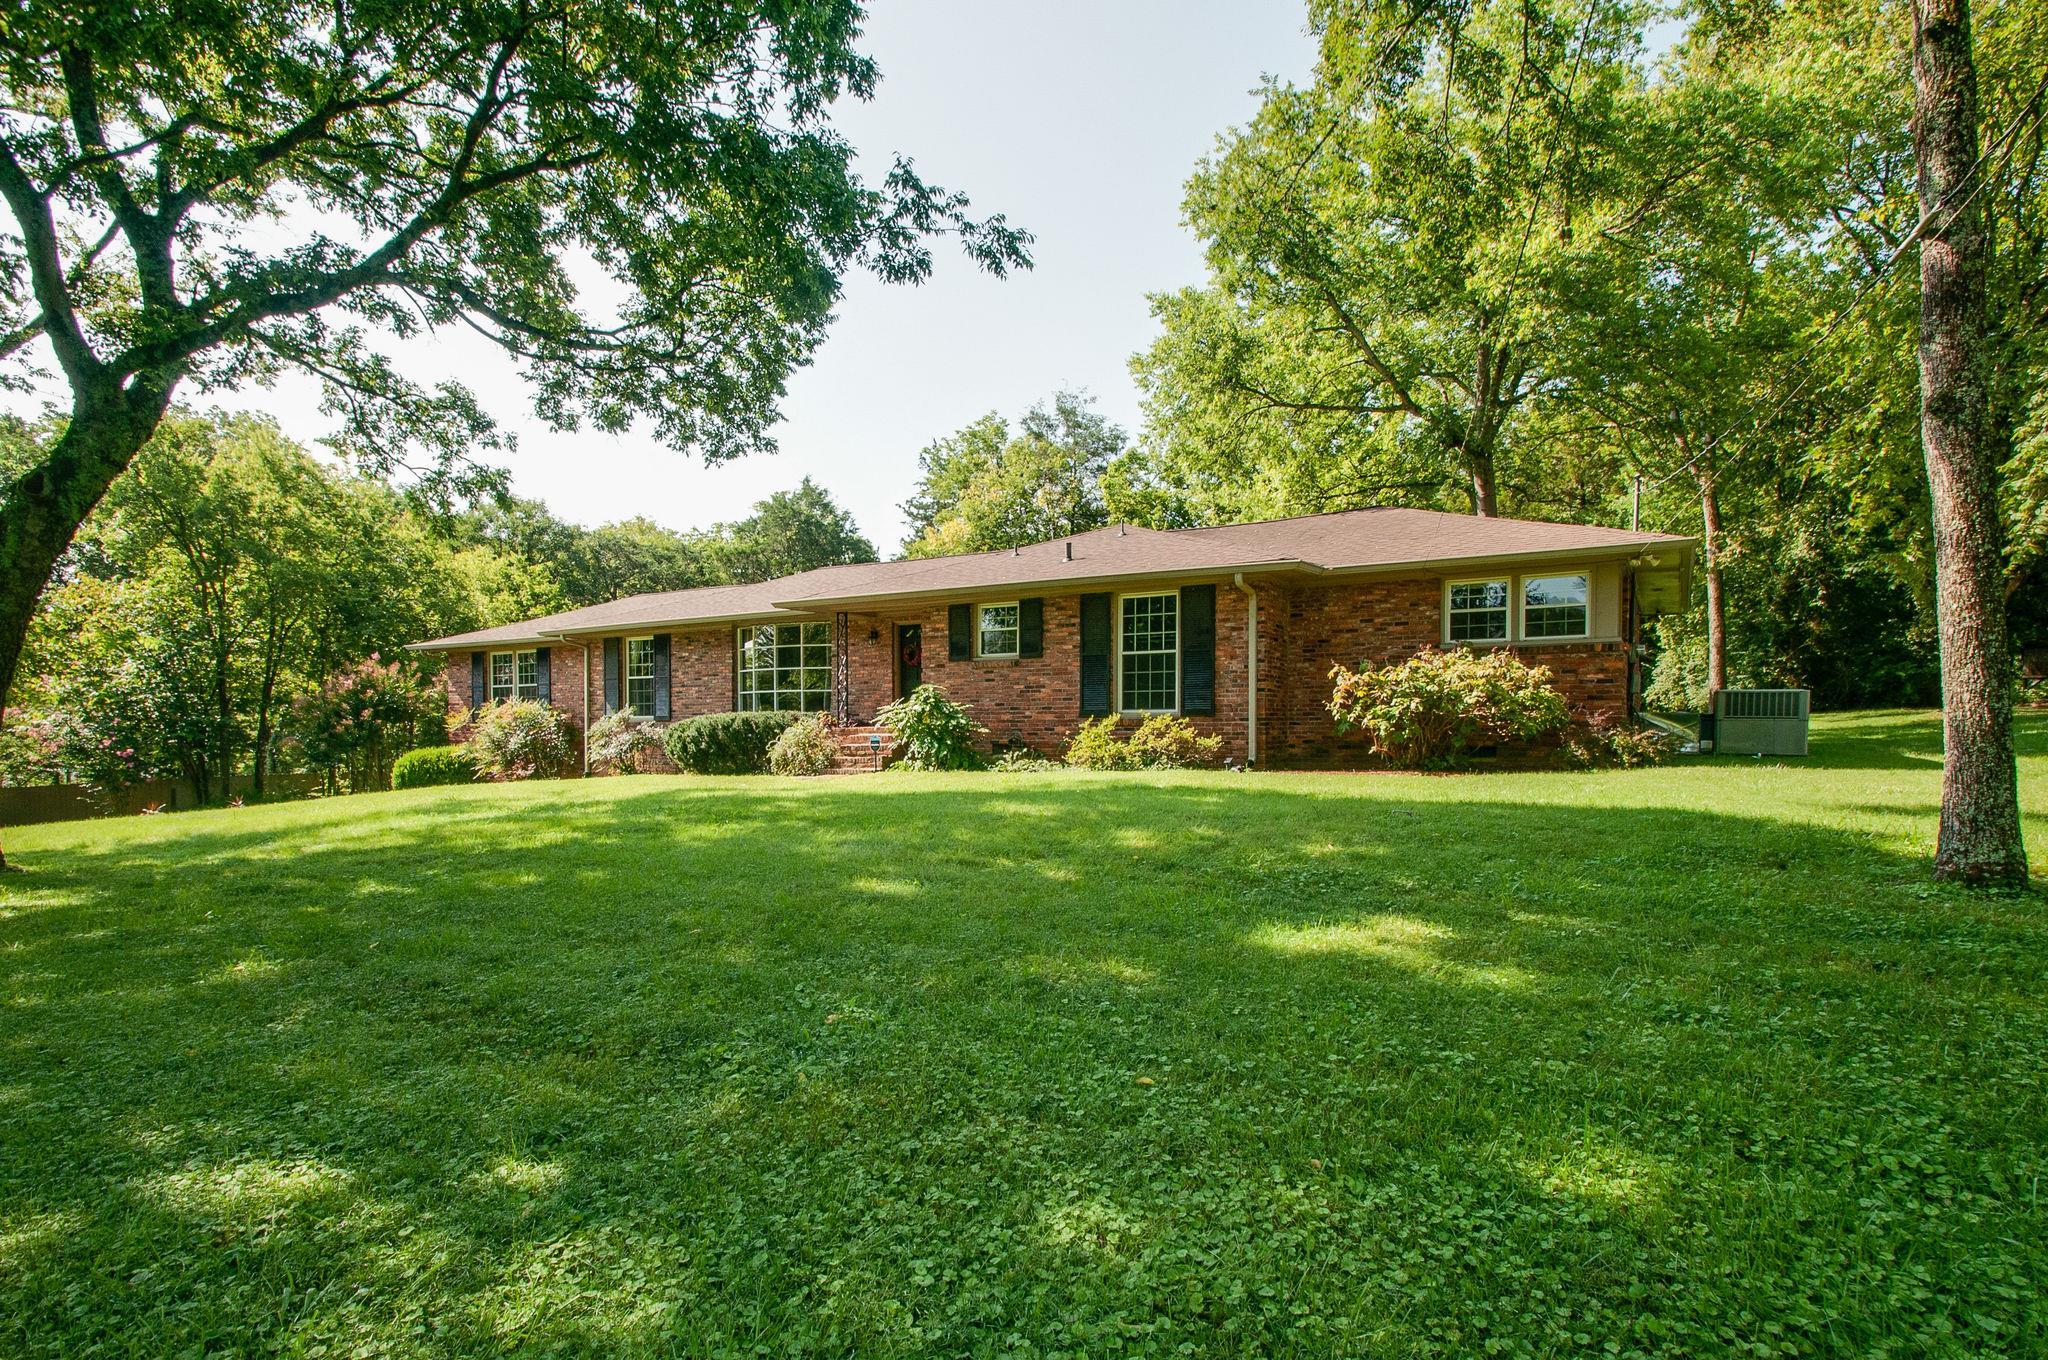 6405 Brownlee Dr, Nashville, TN 37205 - Nashville, TN real estate listing